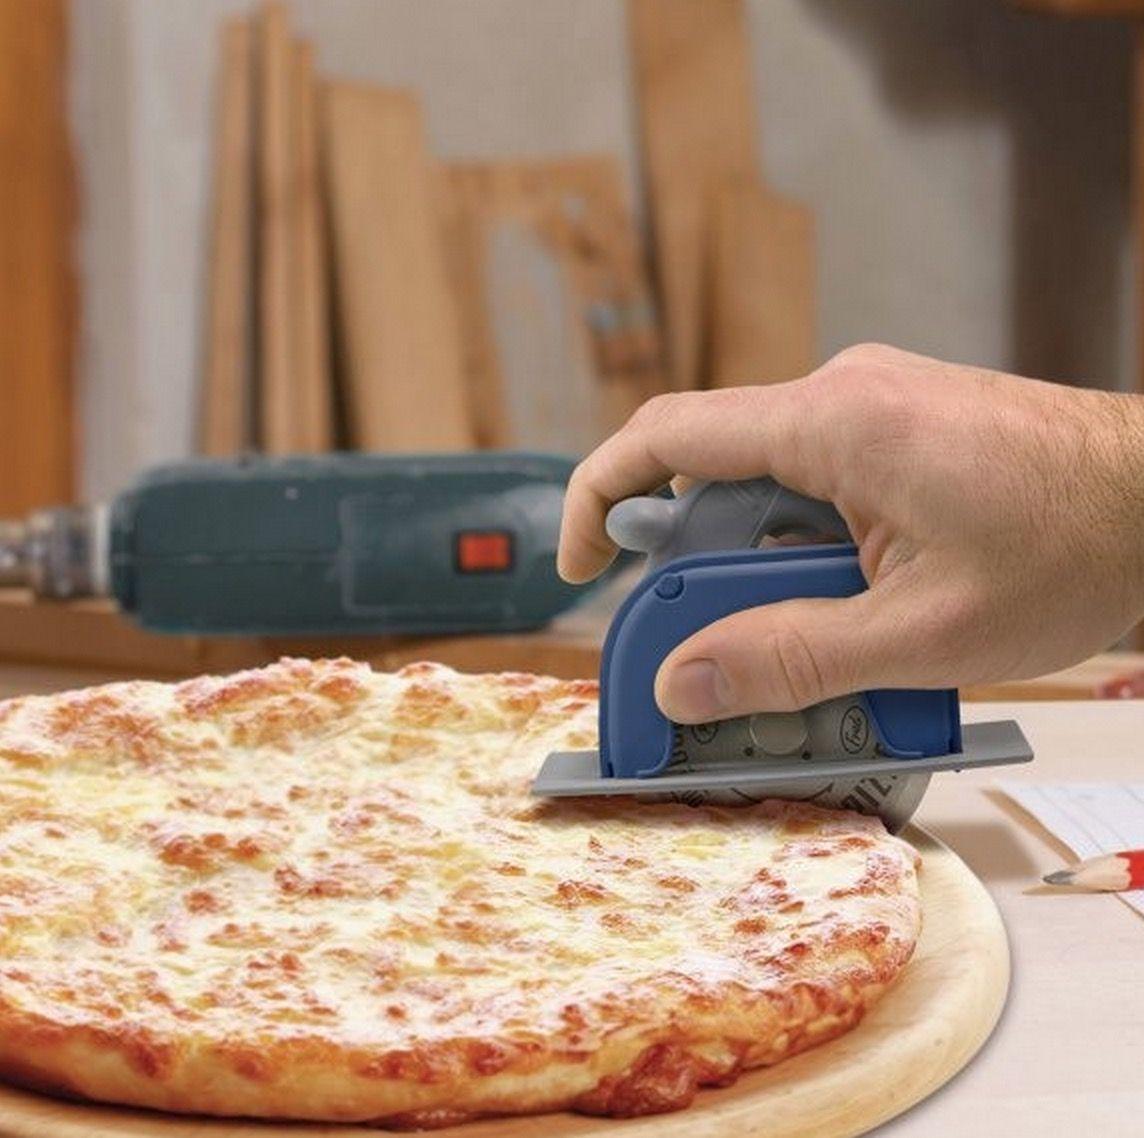 Pizzaschneider Handkreissäge | Geschenke | Pinterest | Reinigung ...